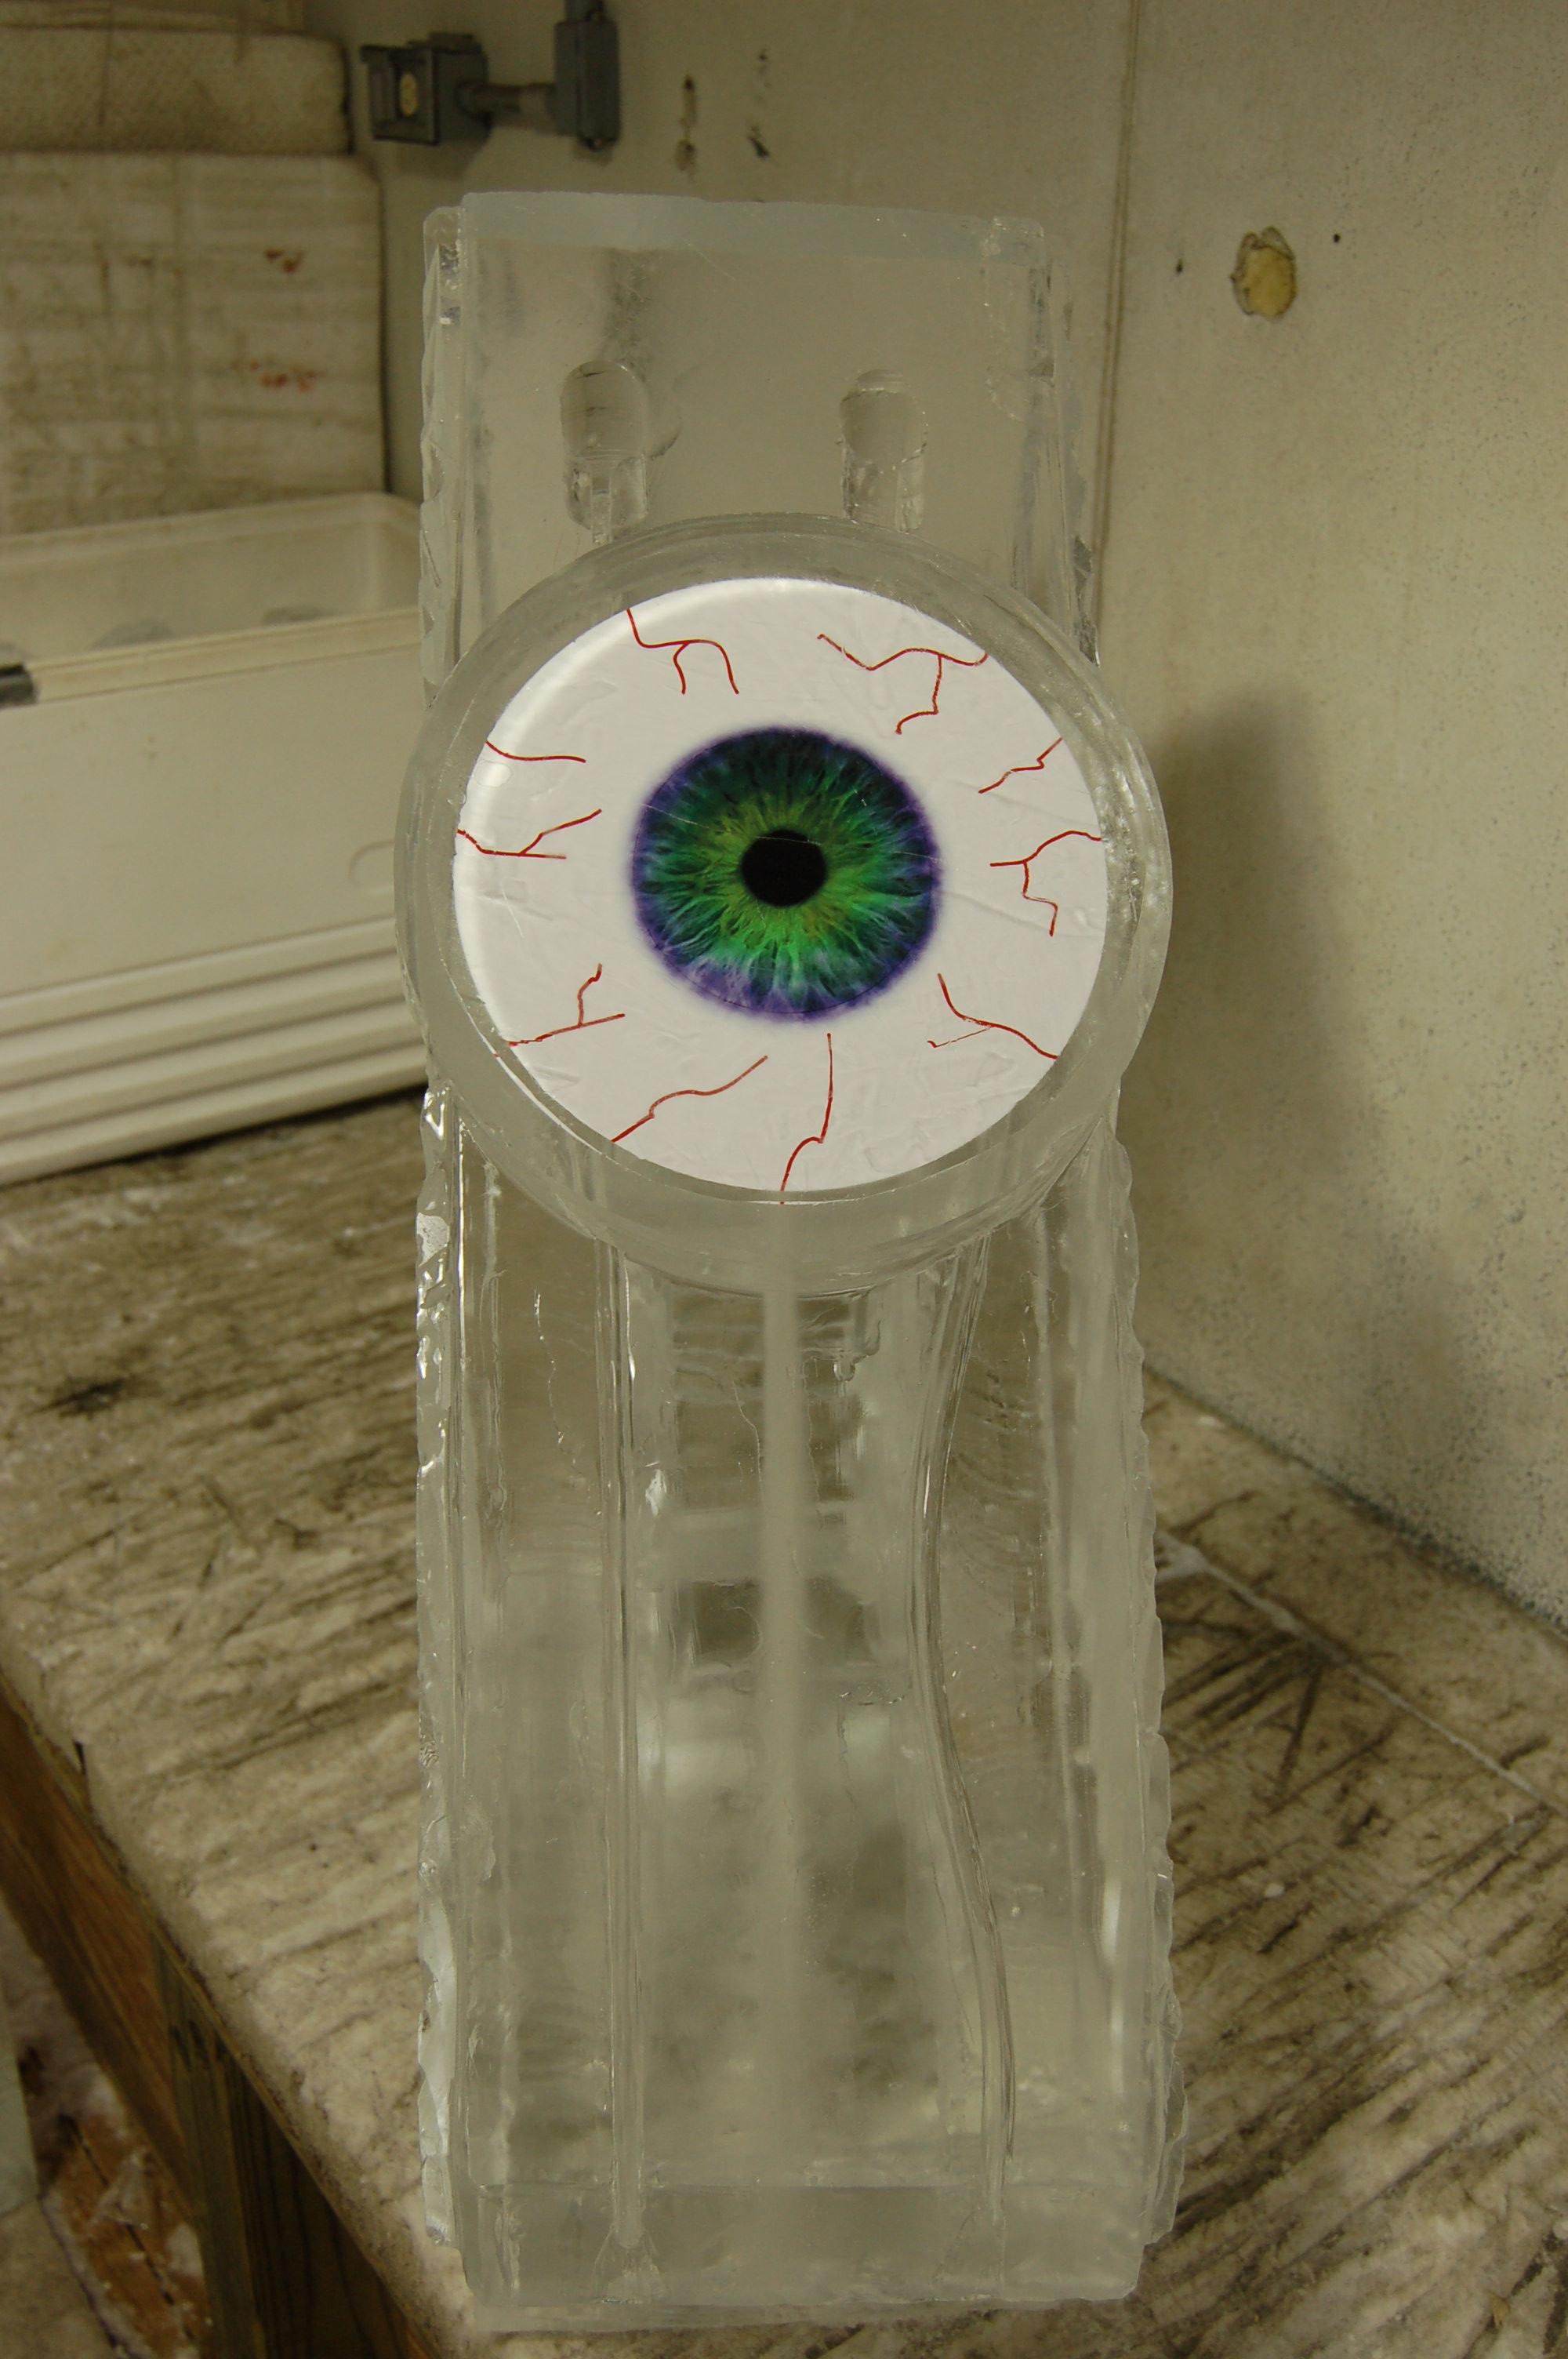 Eye Ball Luge